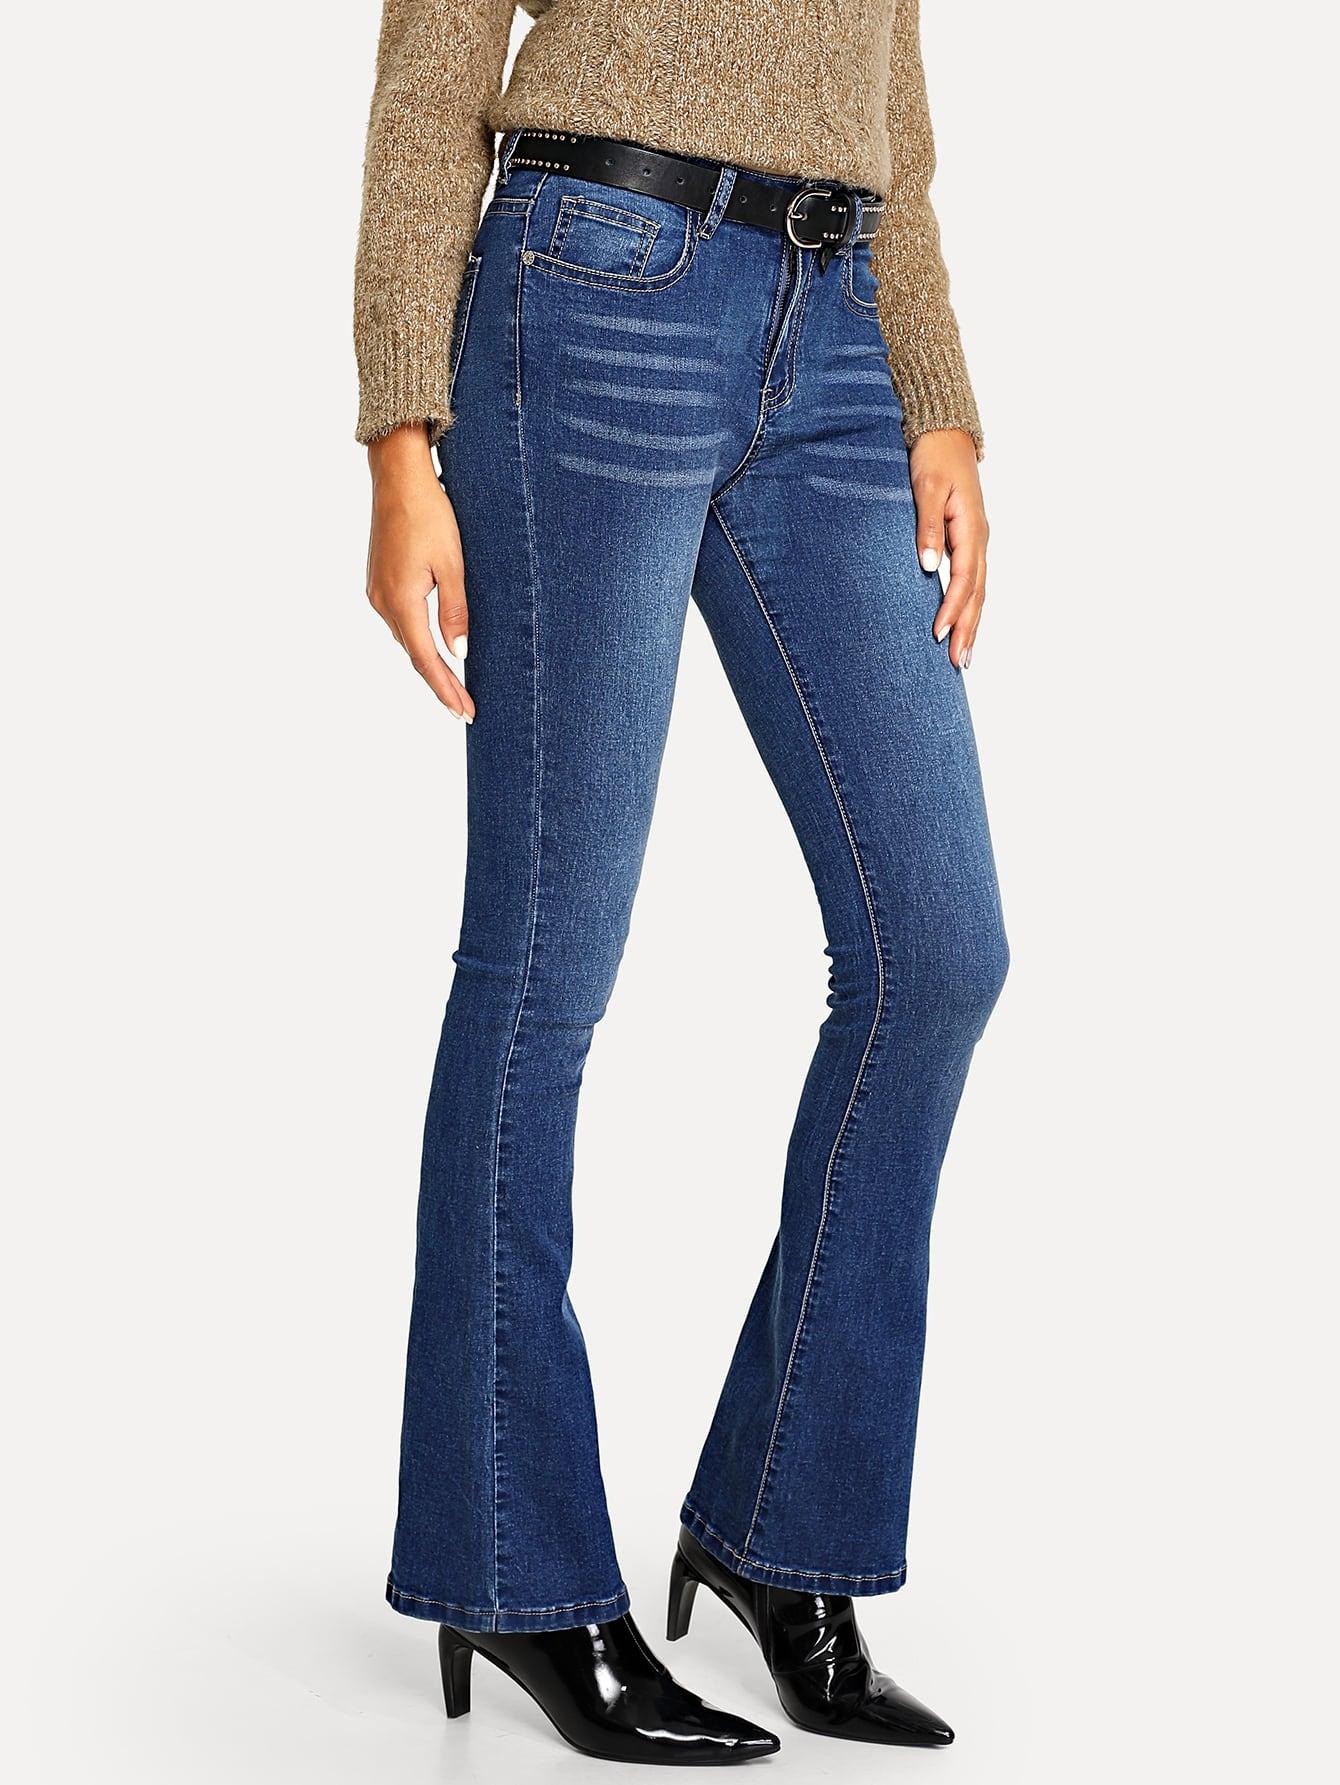 Купить Модные джинсы клеш, Elaine, SheIn